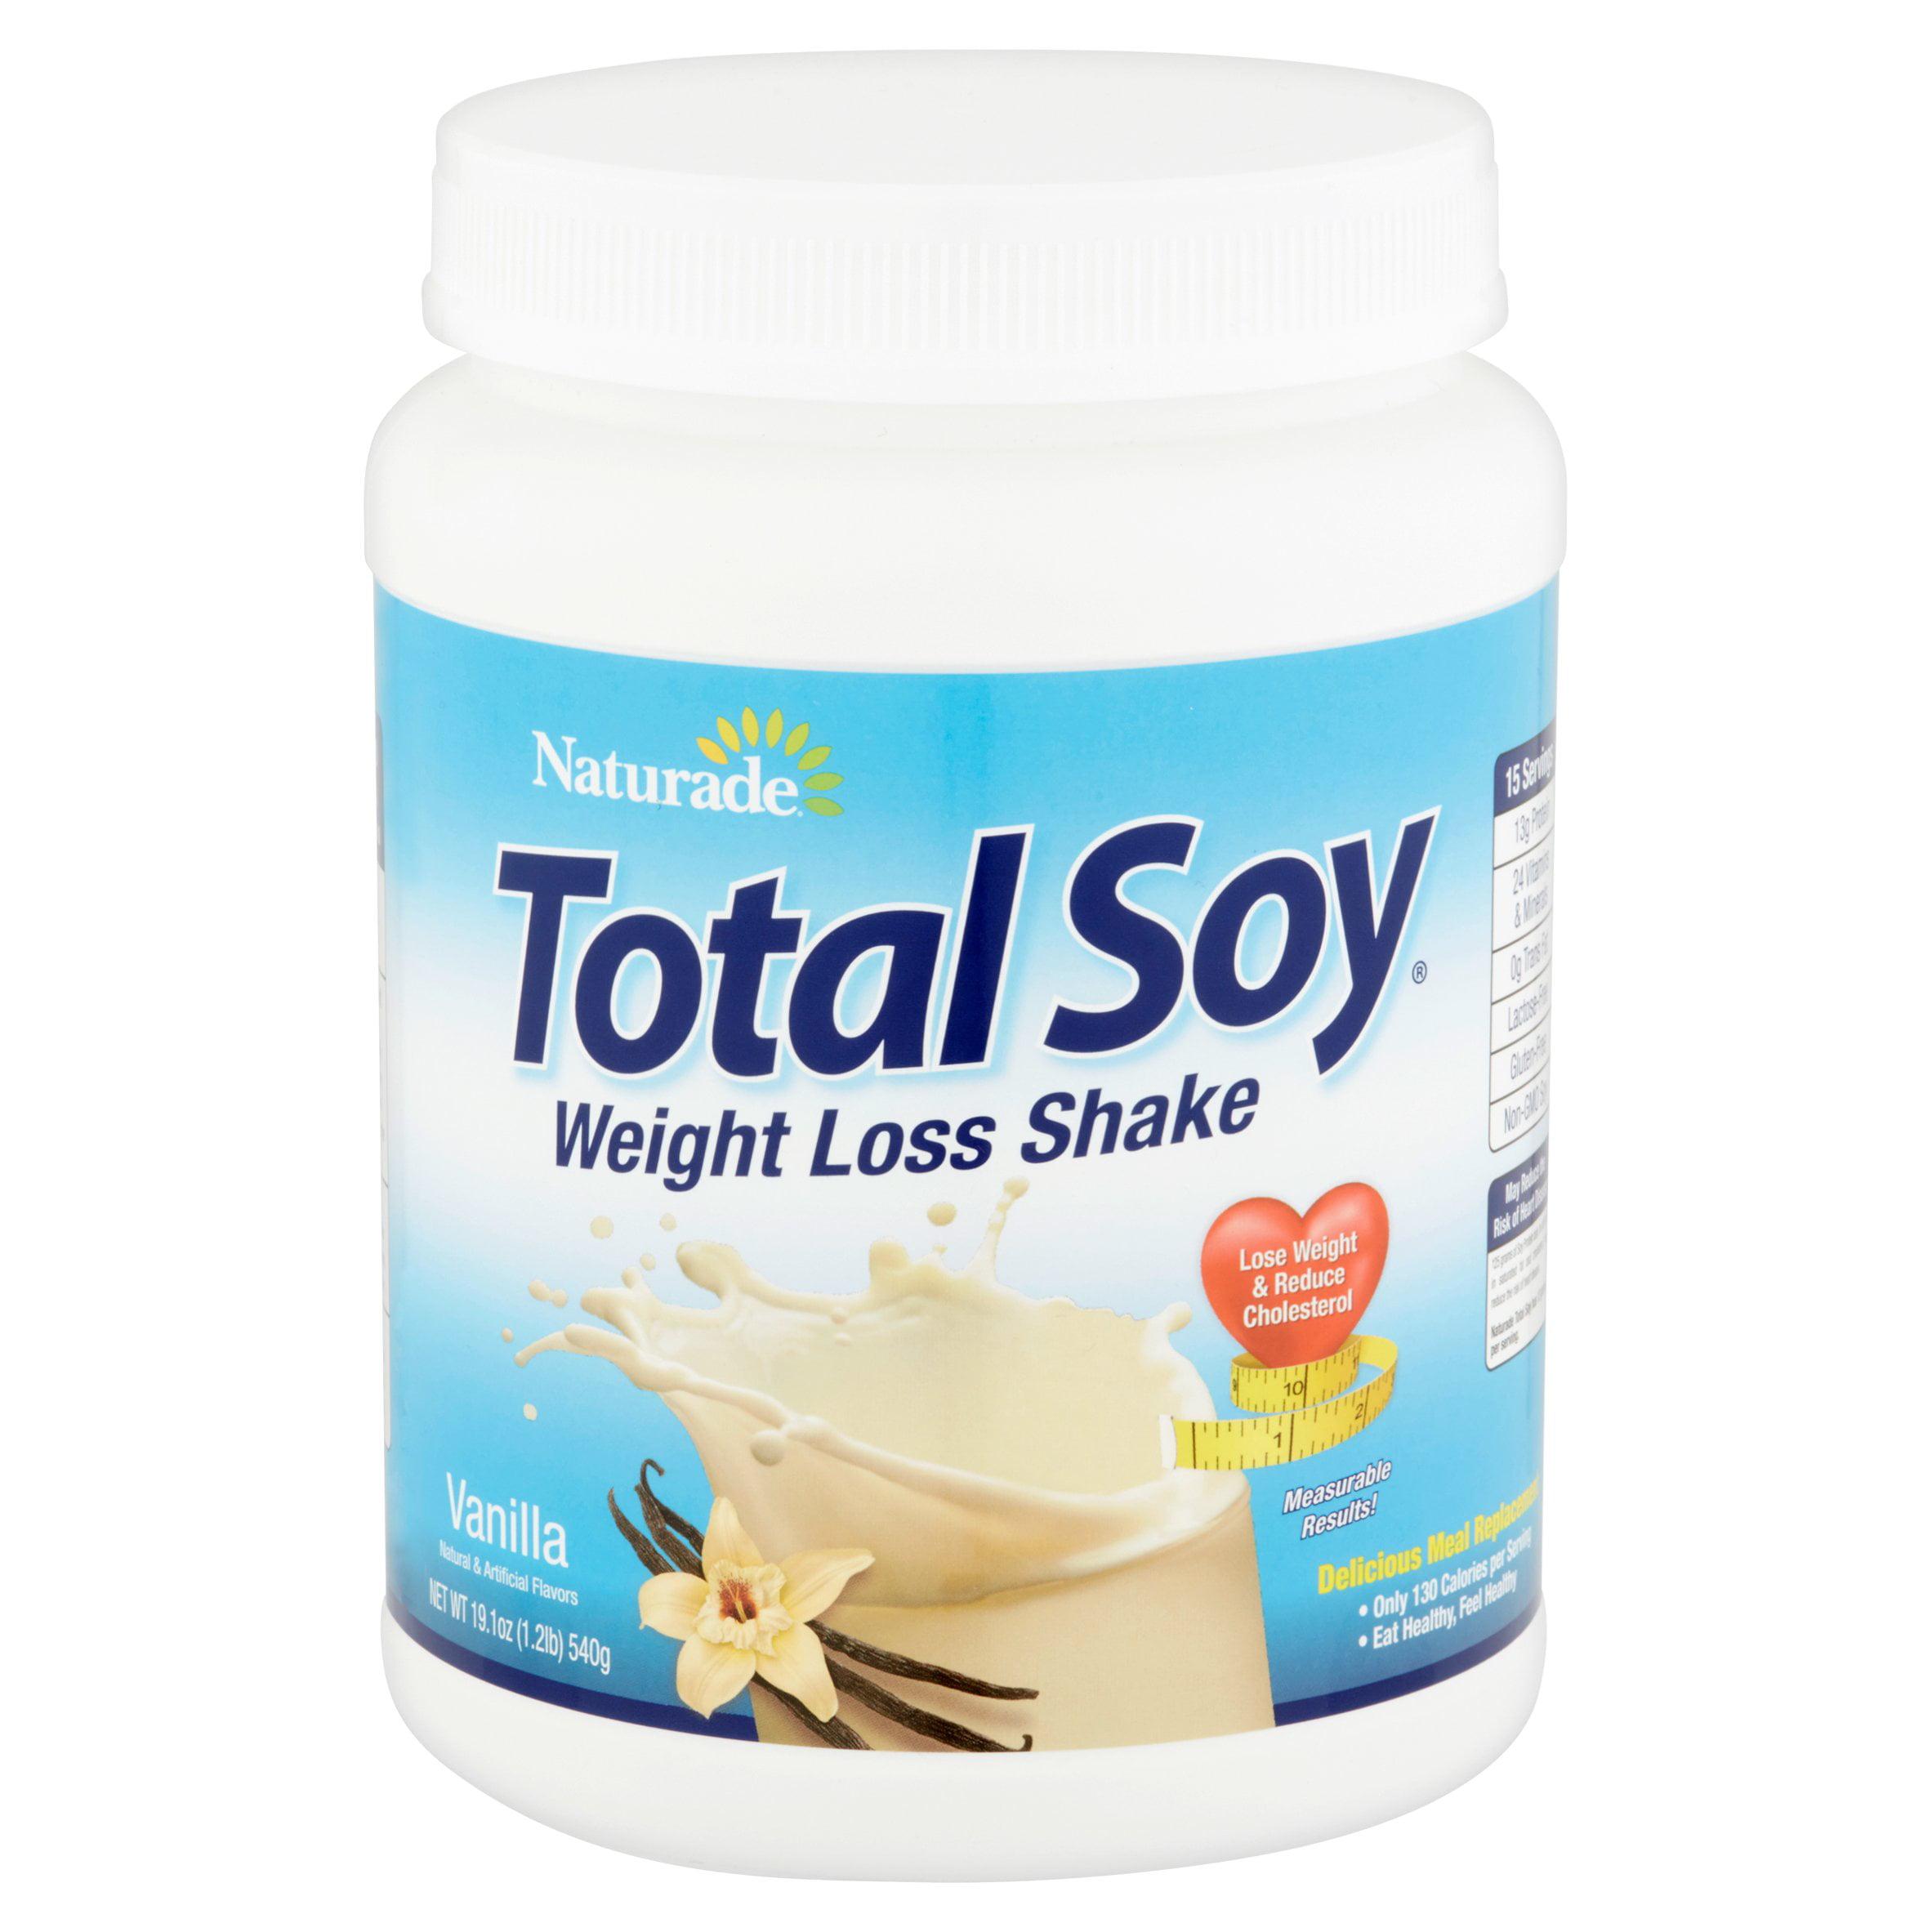 Naturade Total Soy Vanilla Shake 19 1 Oz